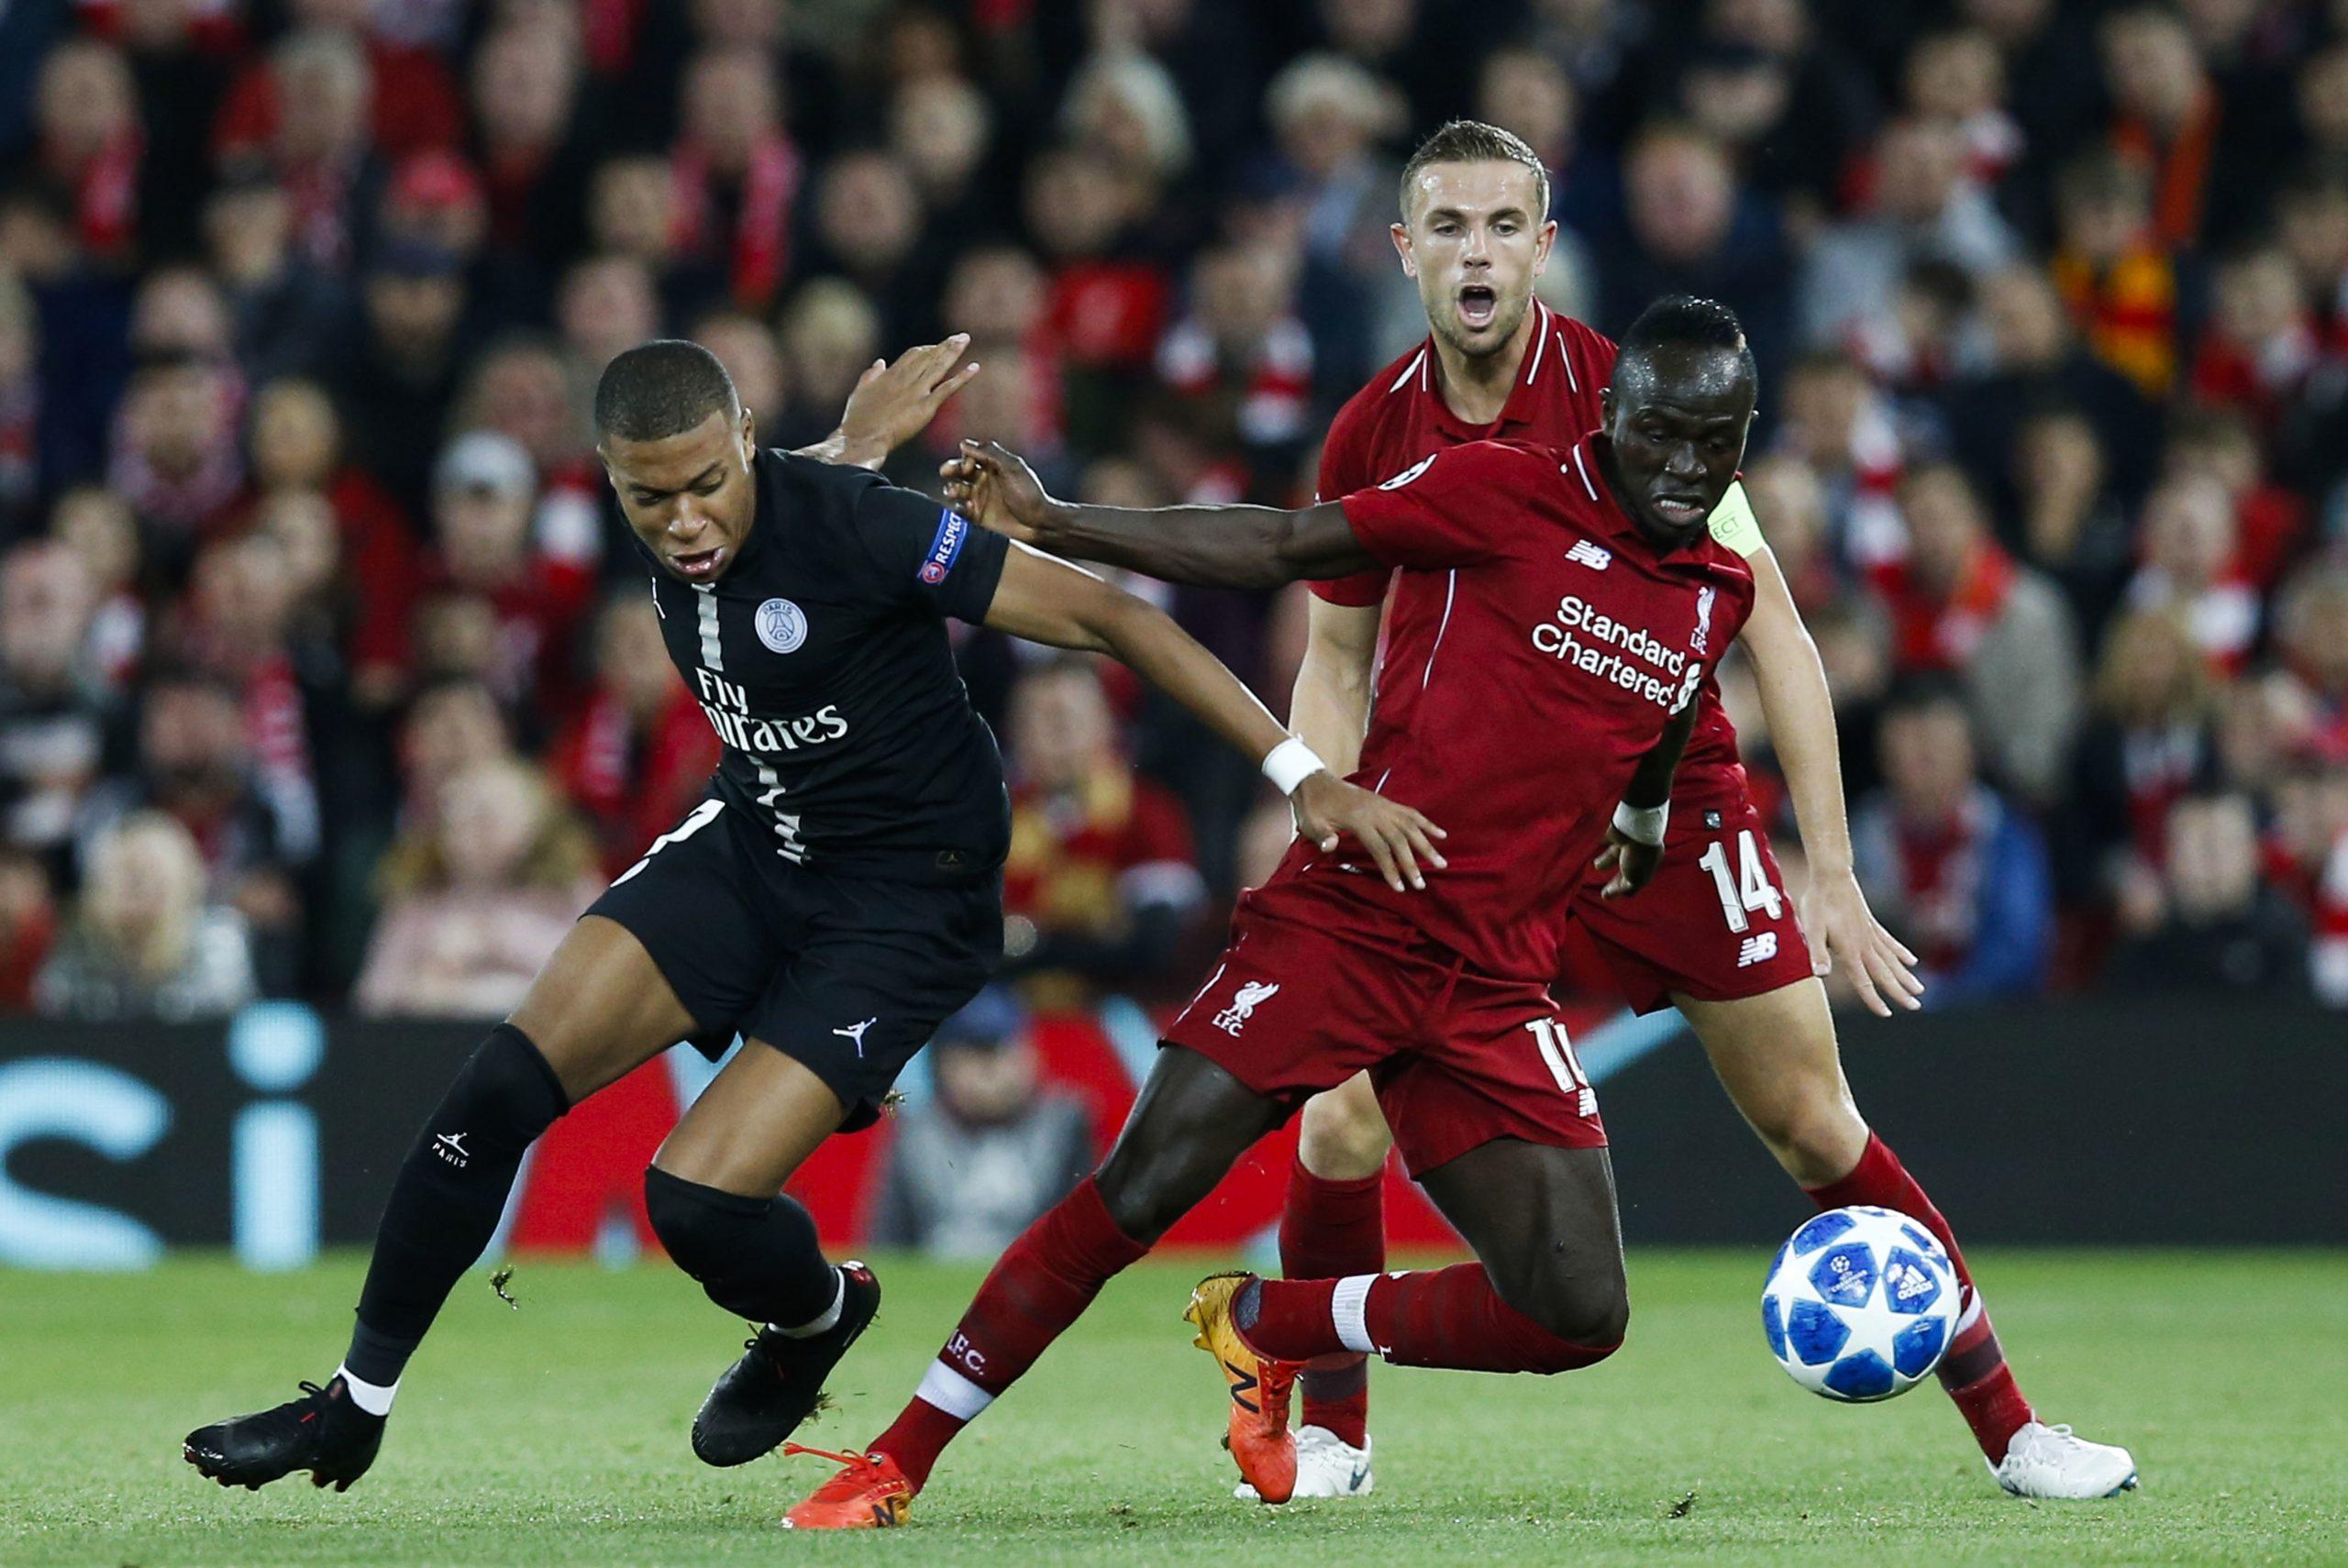 Mercato - Mané au Real Madrid et Mbappé à Liverpool, la nouvelle folie du Sun